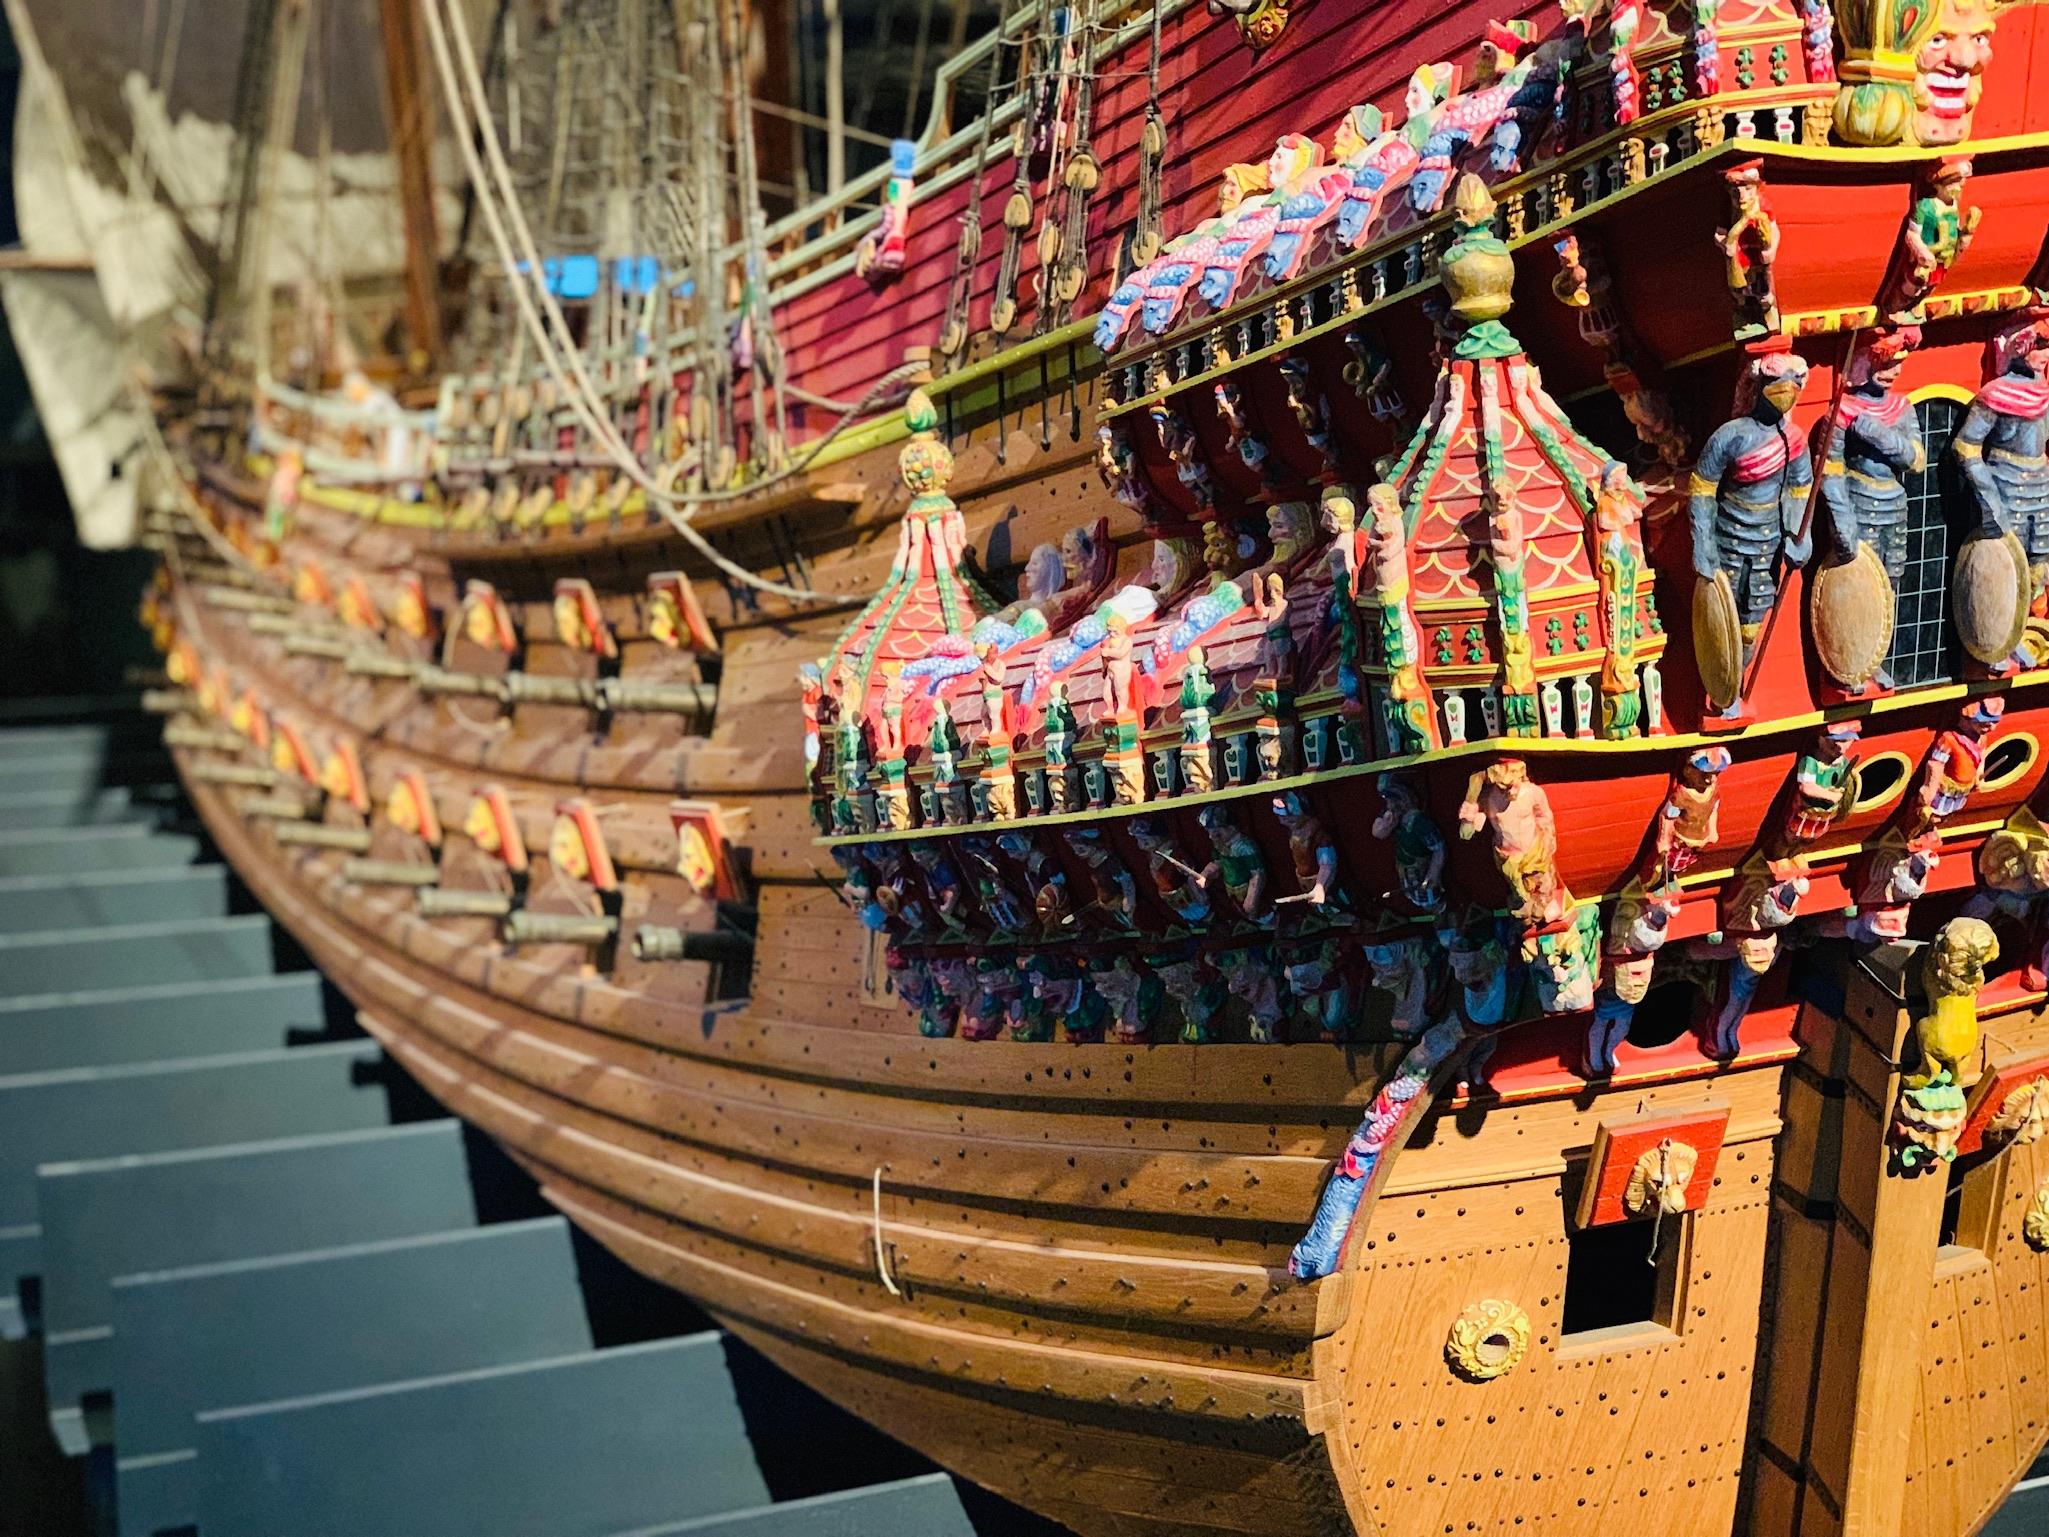 Reconstitution du Vasa. On peut y voir les sculptures aux couleurs criardes recouvrant autrefois le navire.